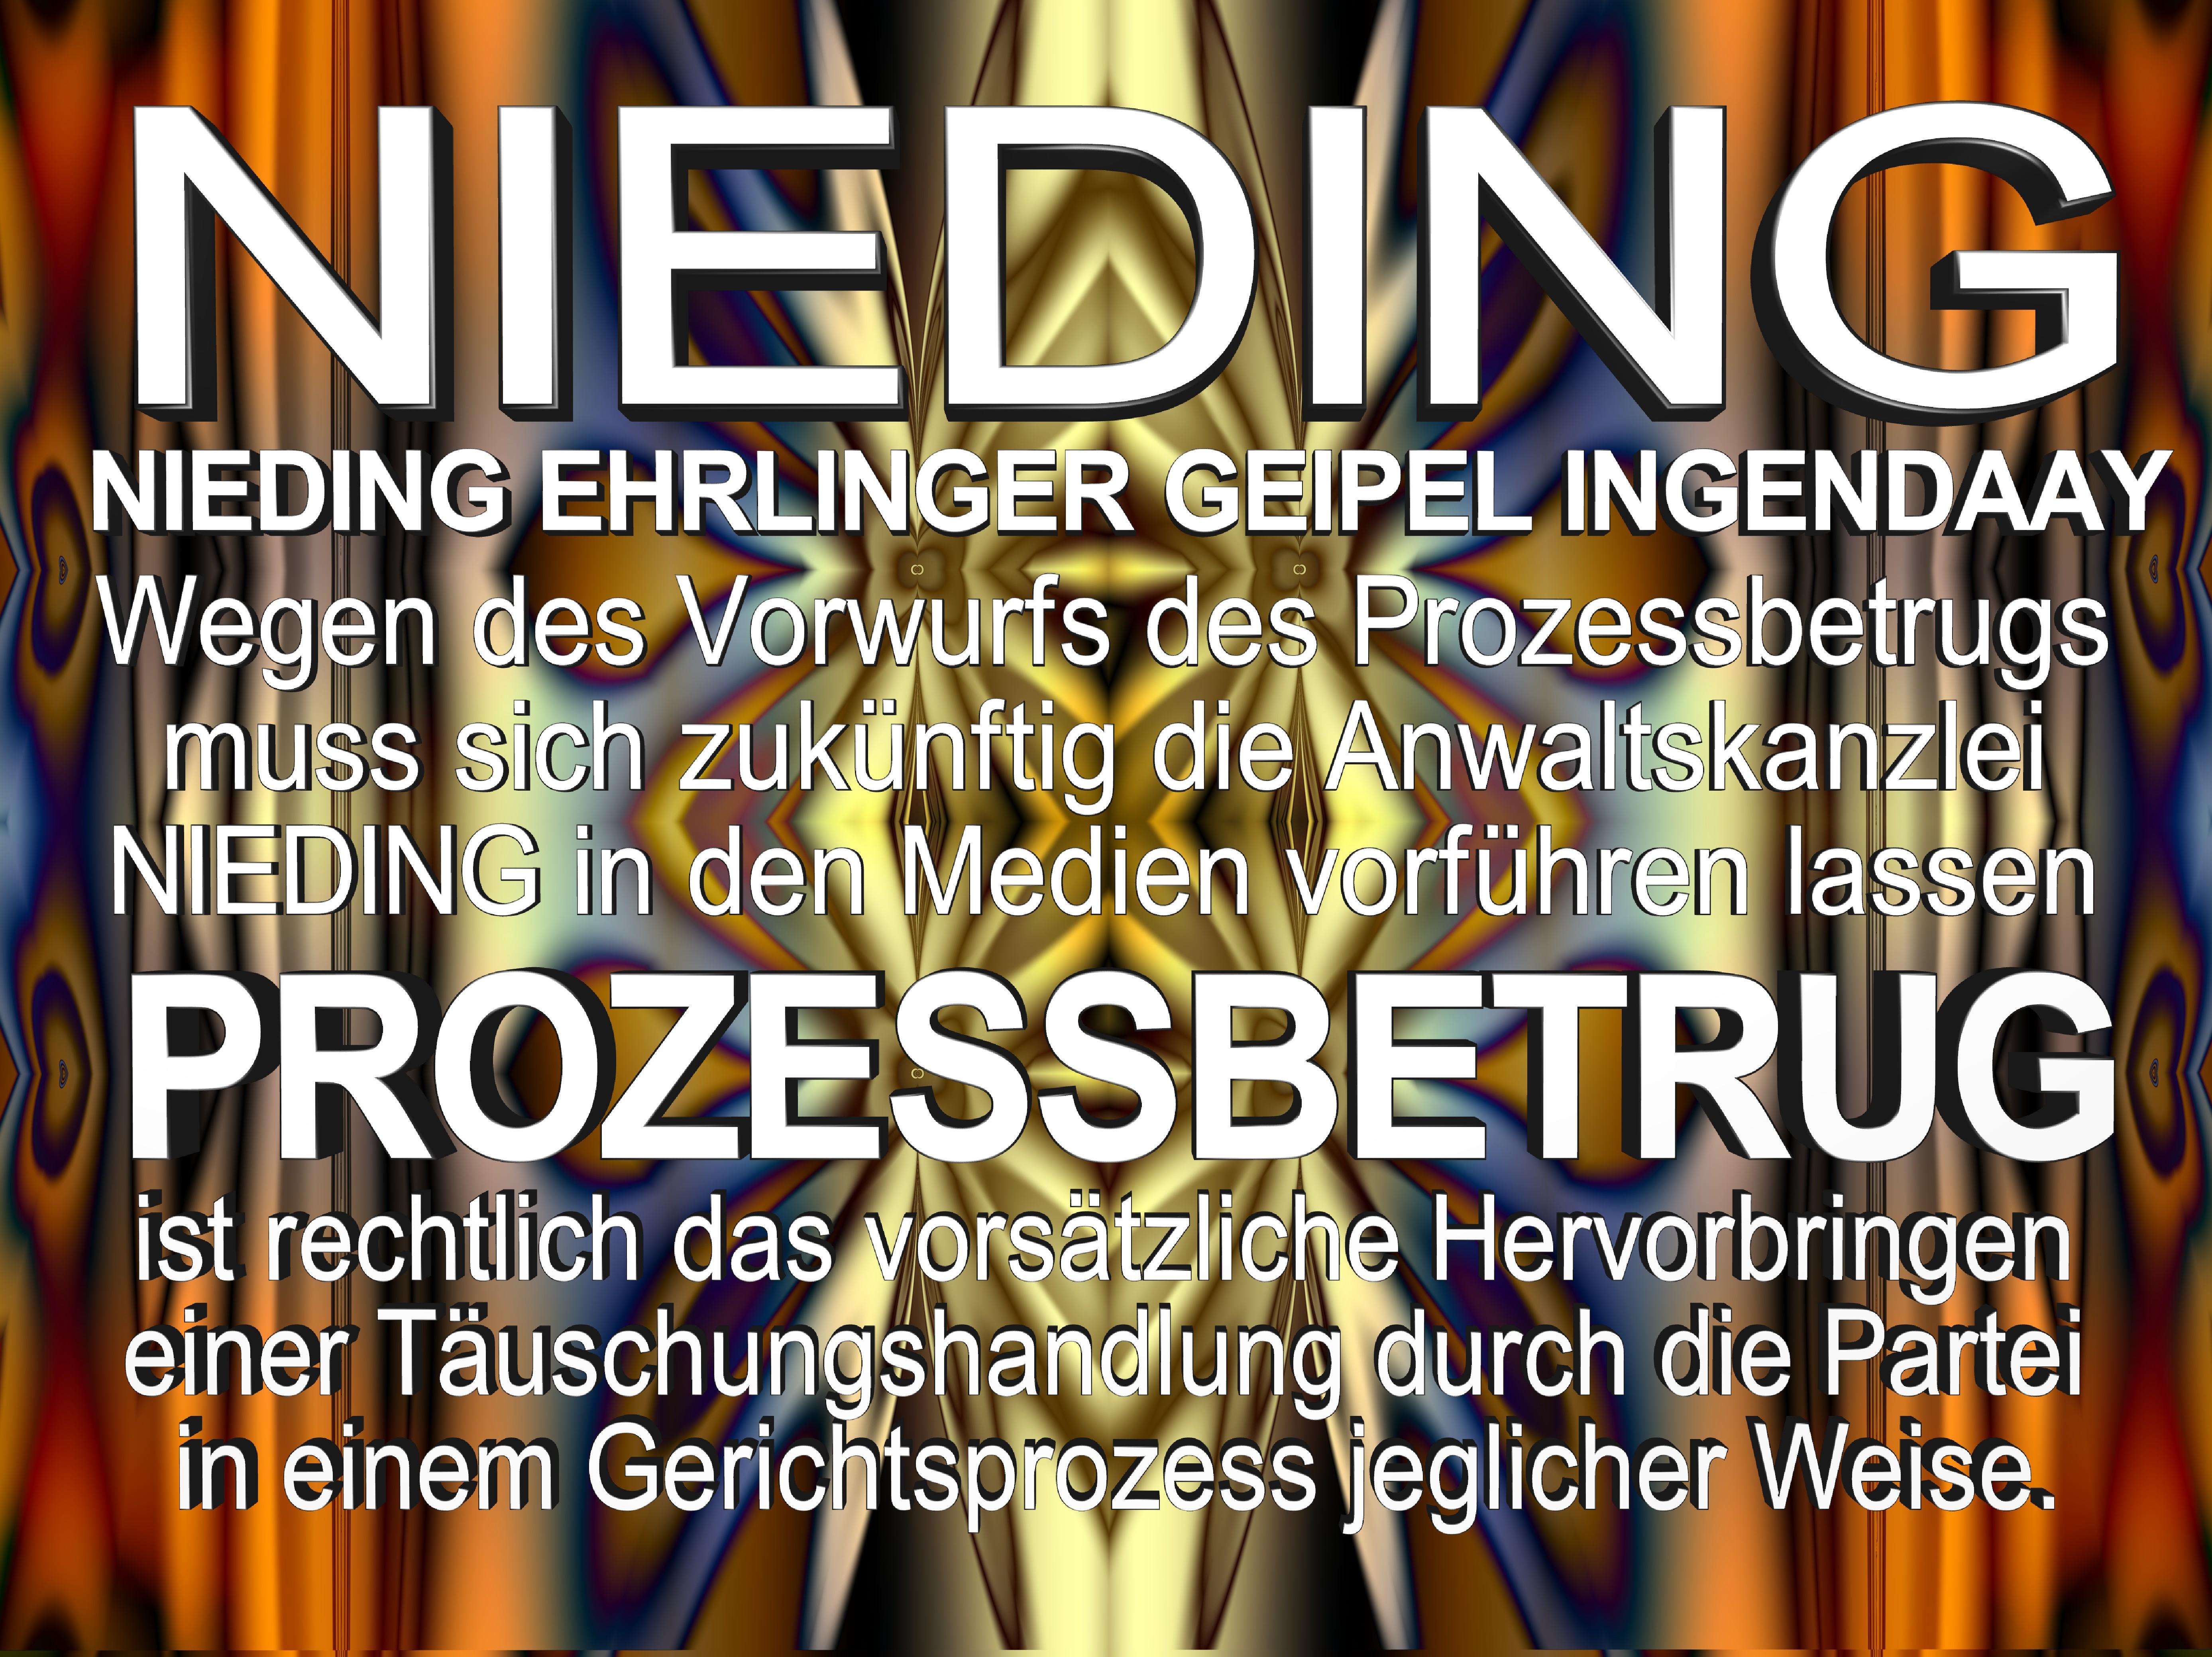 NIEDING EHRLINGER GEIPEL INGENDAAY LELKE Kurfürstendamm 66 Berlin (3)